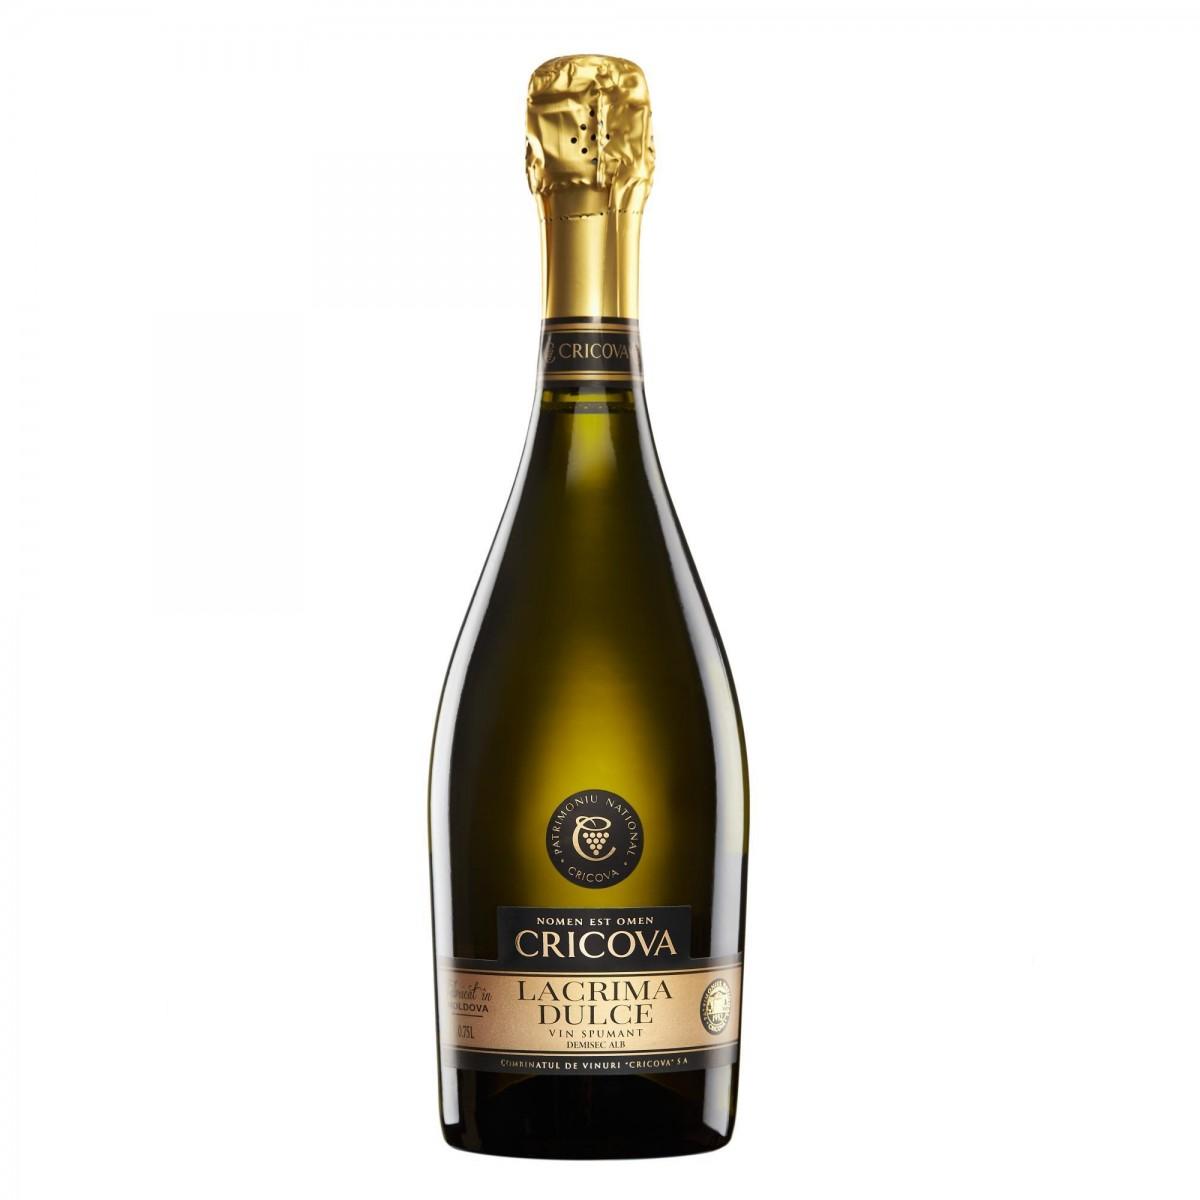 Șampanie Cricova Lacrima dulce